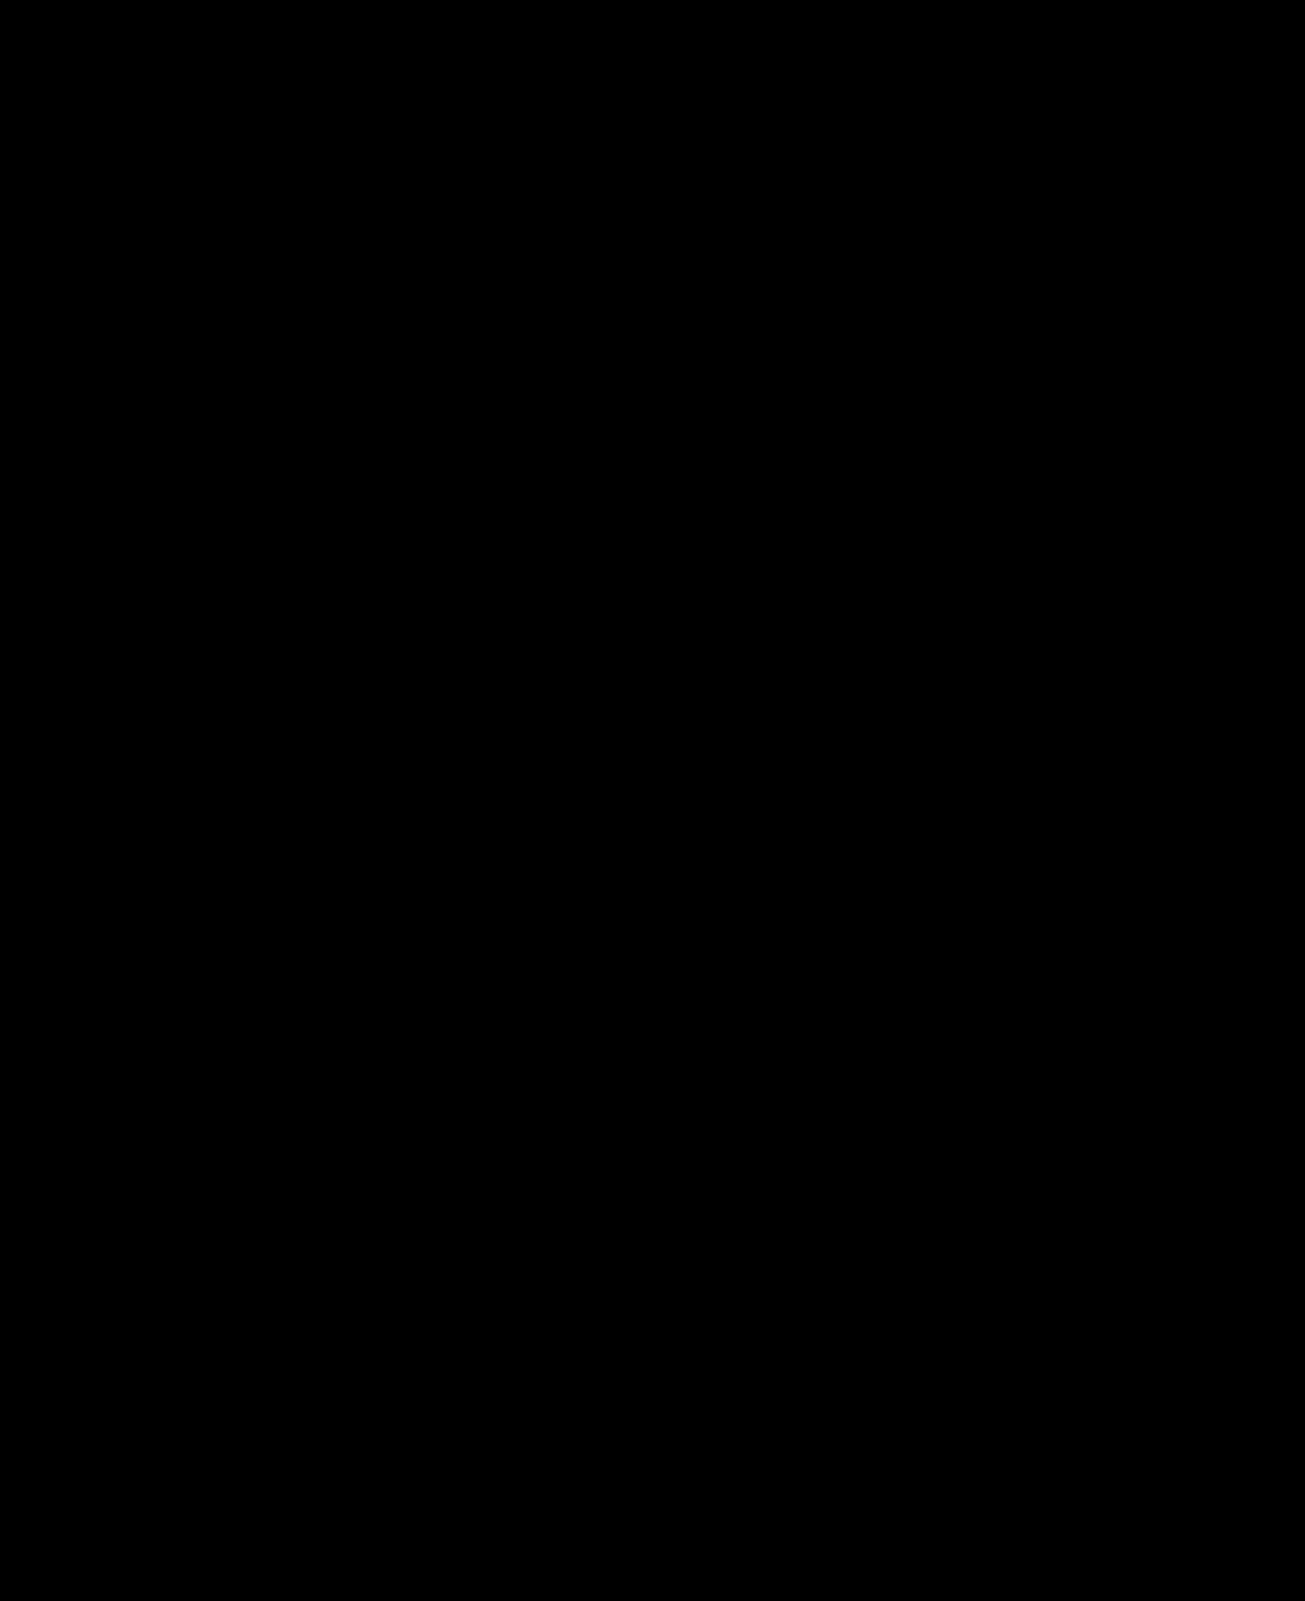 Download HD Facepalm Emoticon - Hd 1600×1600 - Facepalm Icon